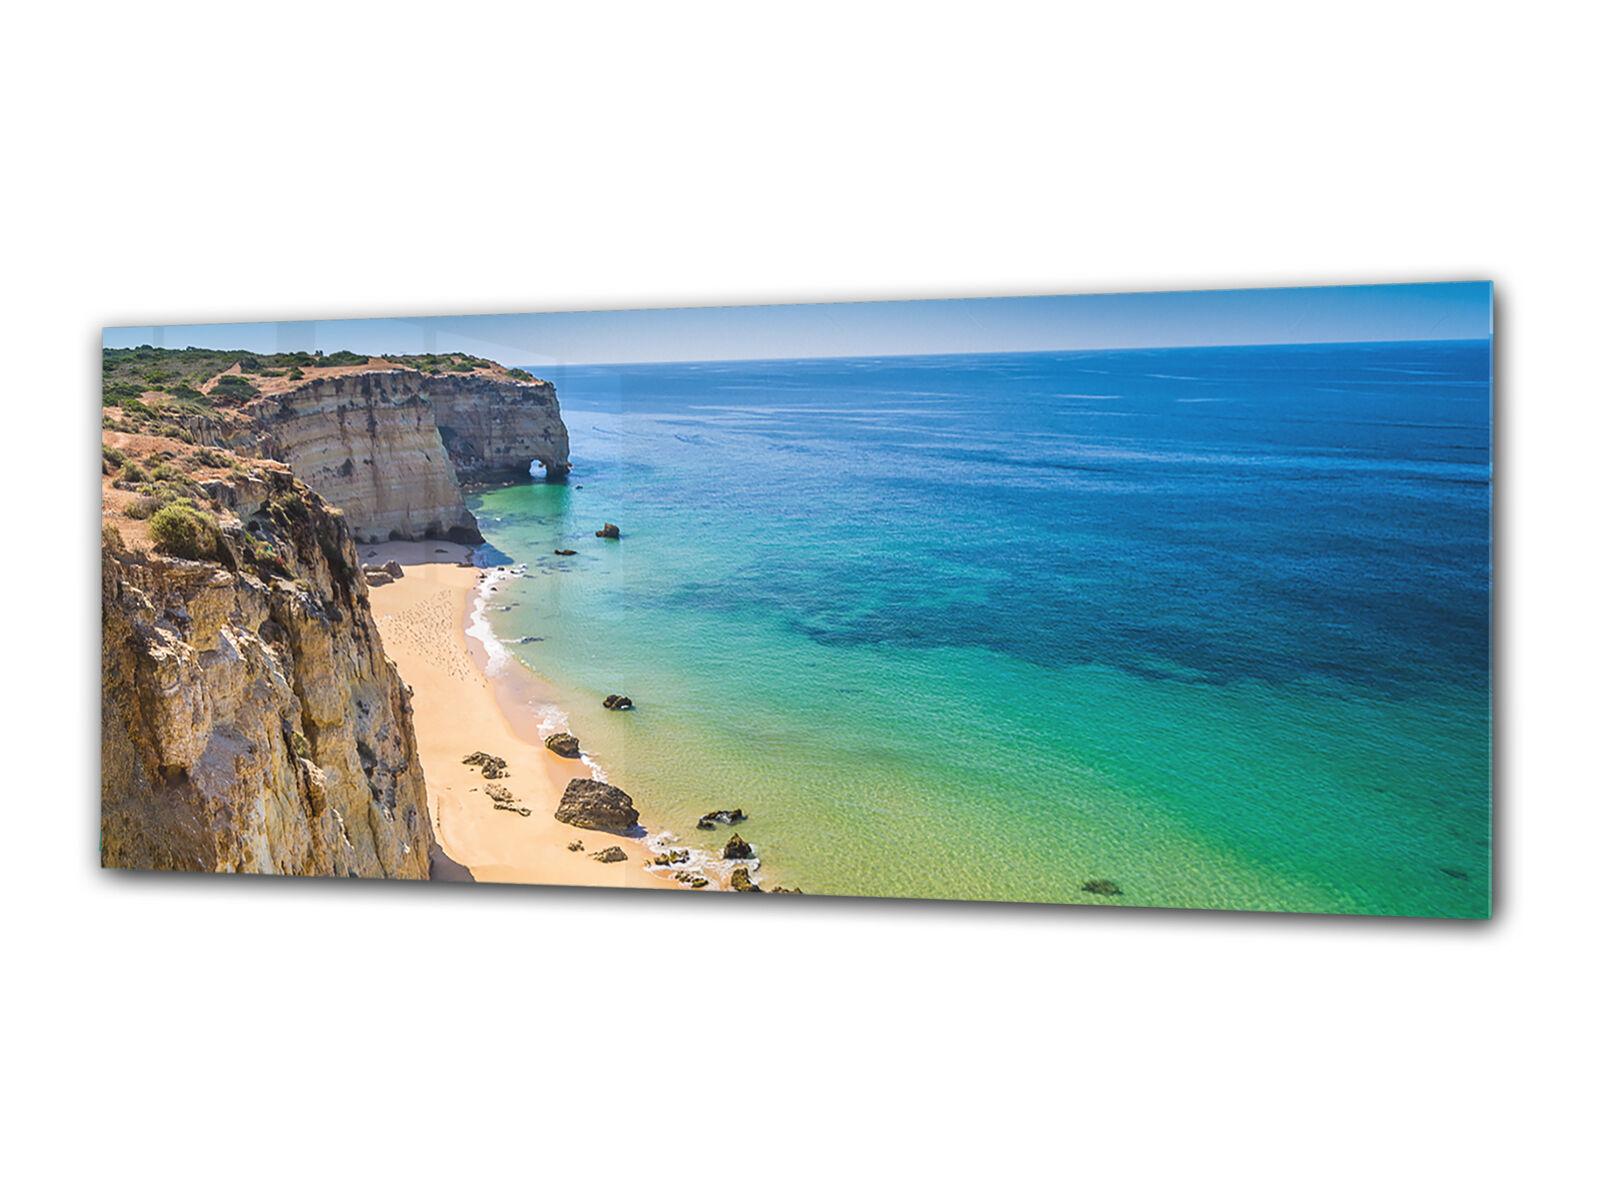 Verre Imprimer Wall Art 125x50 Cm Image sur Verre Déco Mur Photo 83391665